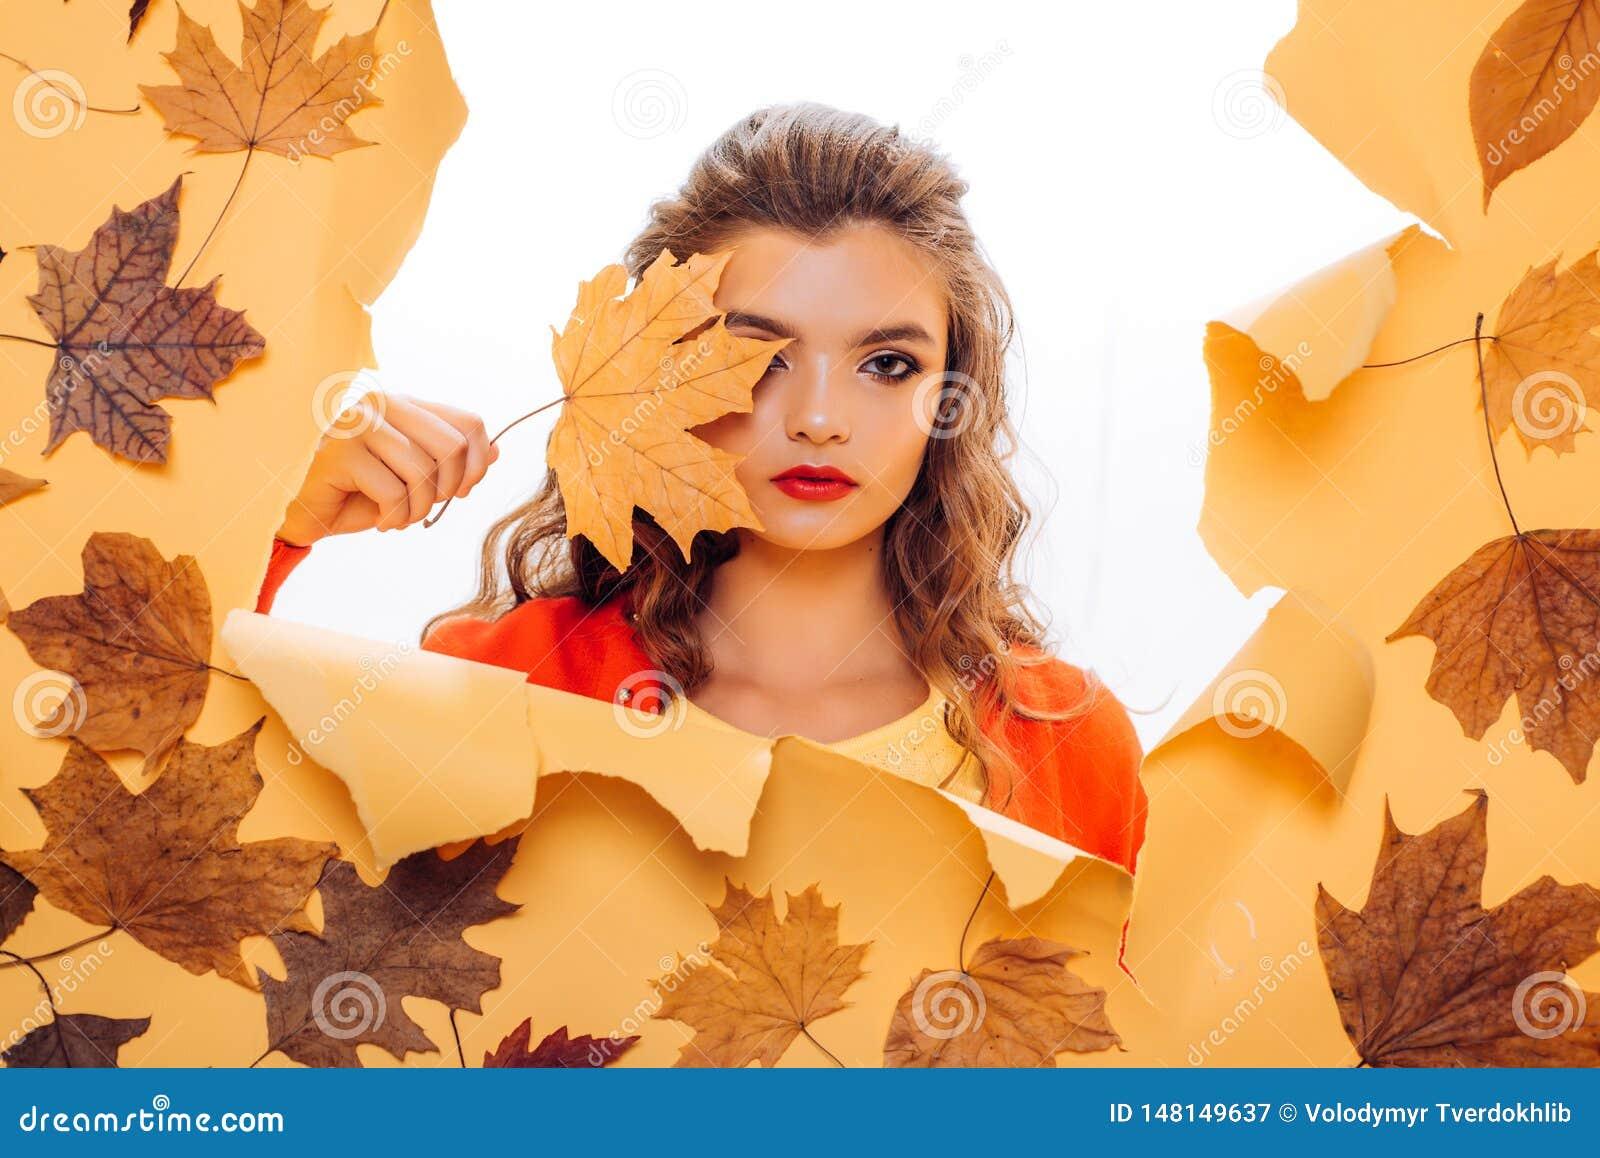 Mirada de la caída Ojeada de la muchacha de maquillaje a través del papel rasgado Cara bonita de la cubierta de la muchacha con l